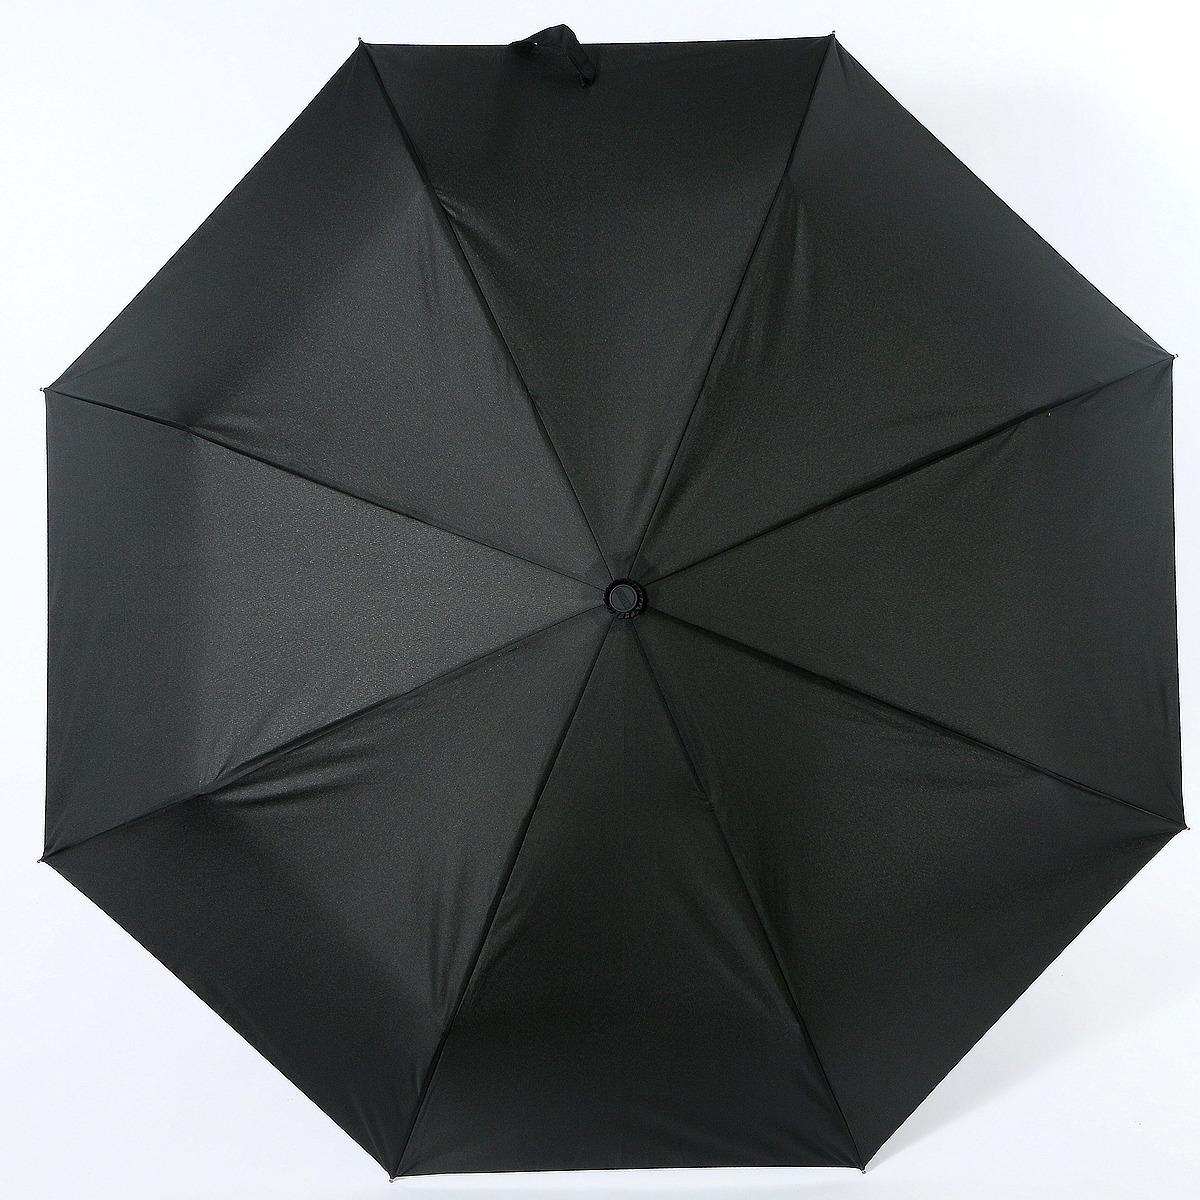 цена Зонт Lamberti 73010, черный в интернет-магазинах